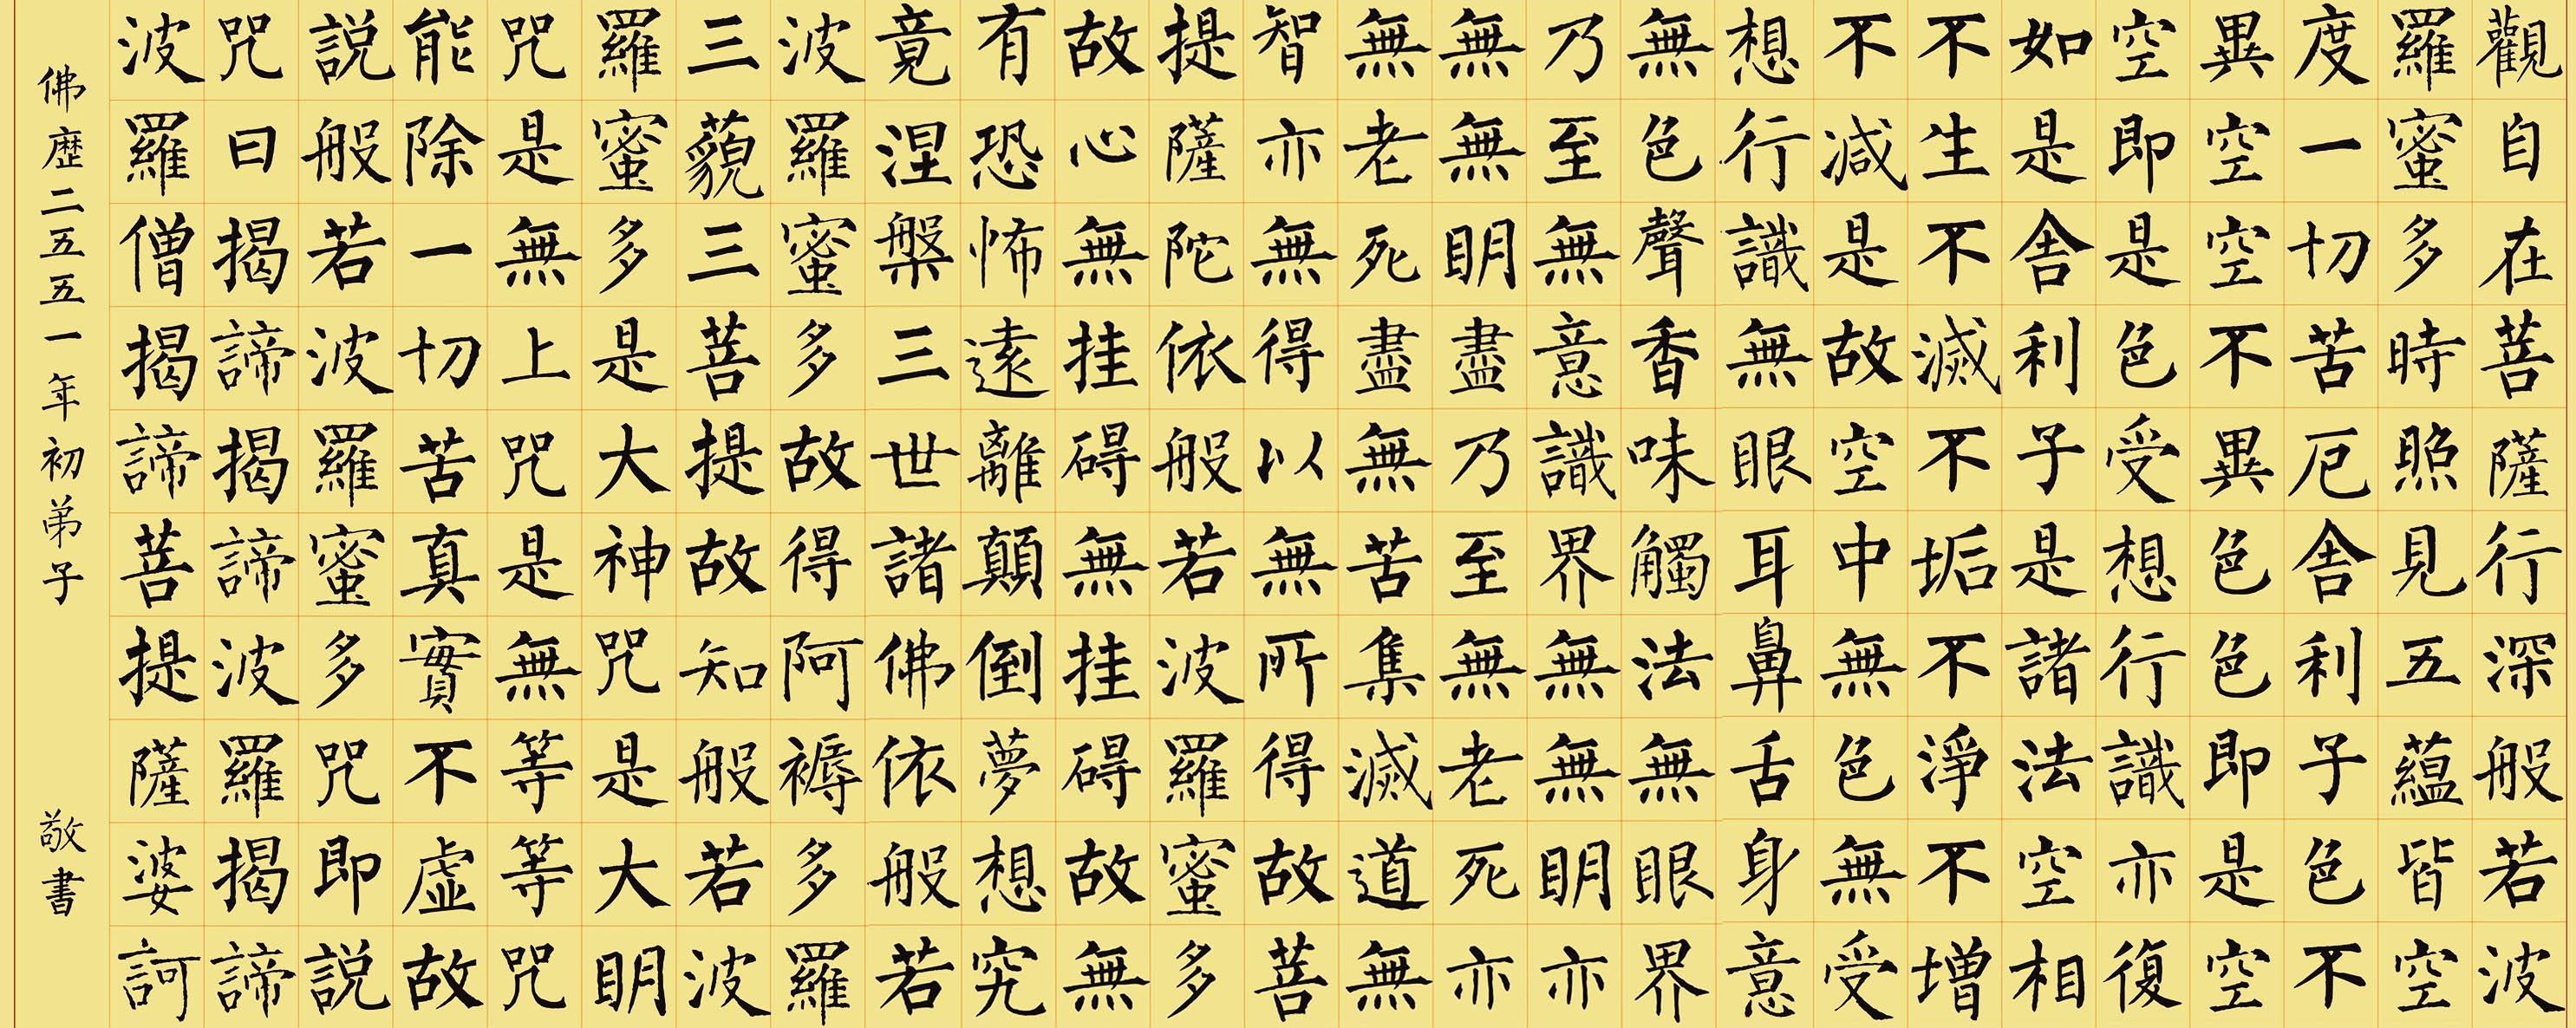 柳体楷书集字《心经》